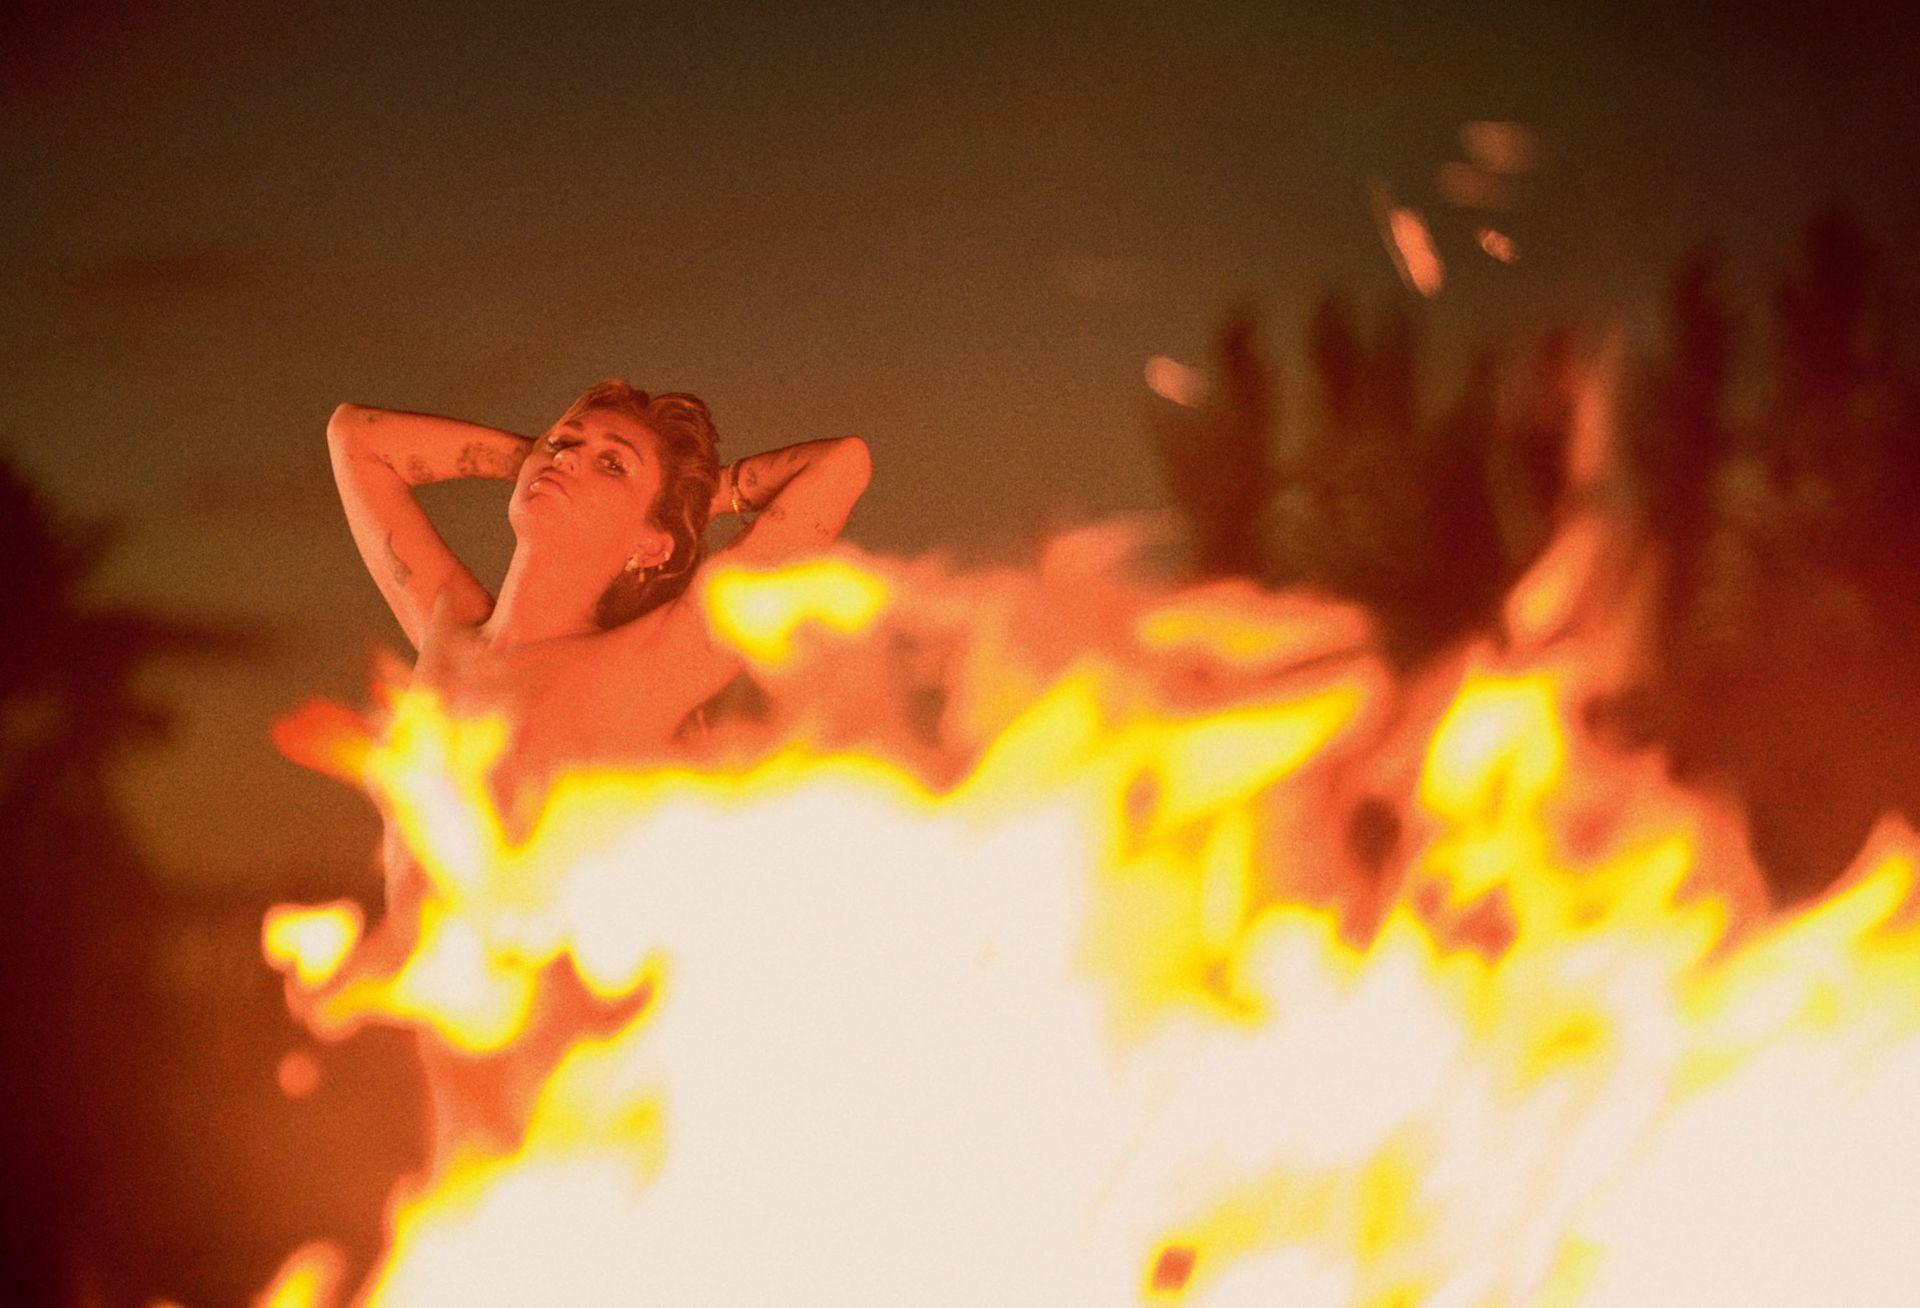 Miley-Cyrus-Nude-Sexy-TheFappeningBlog.com-4.jpg